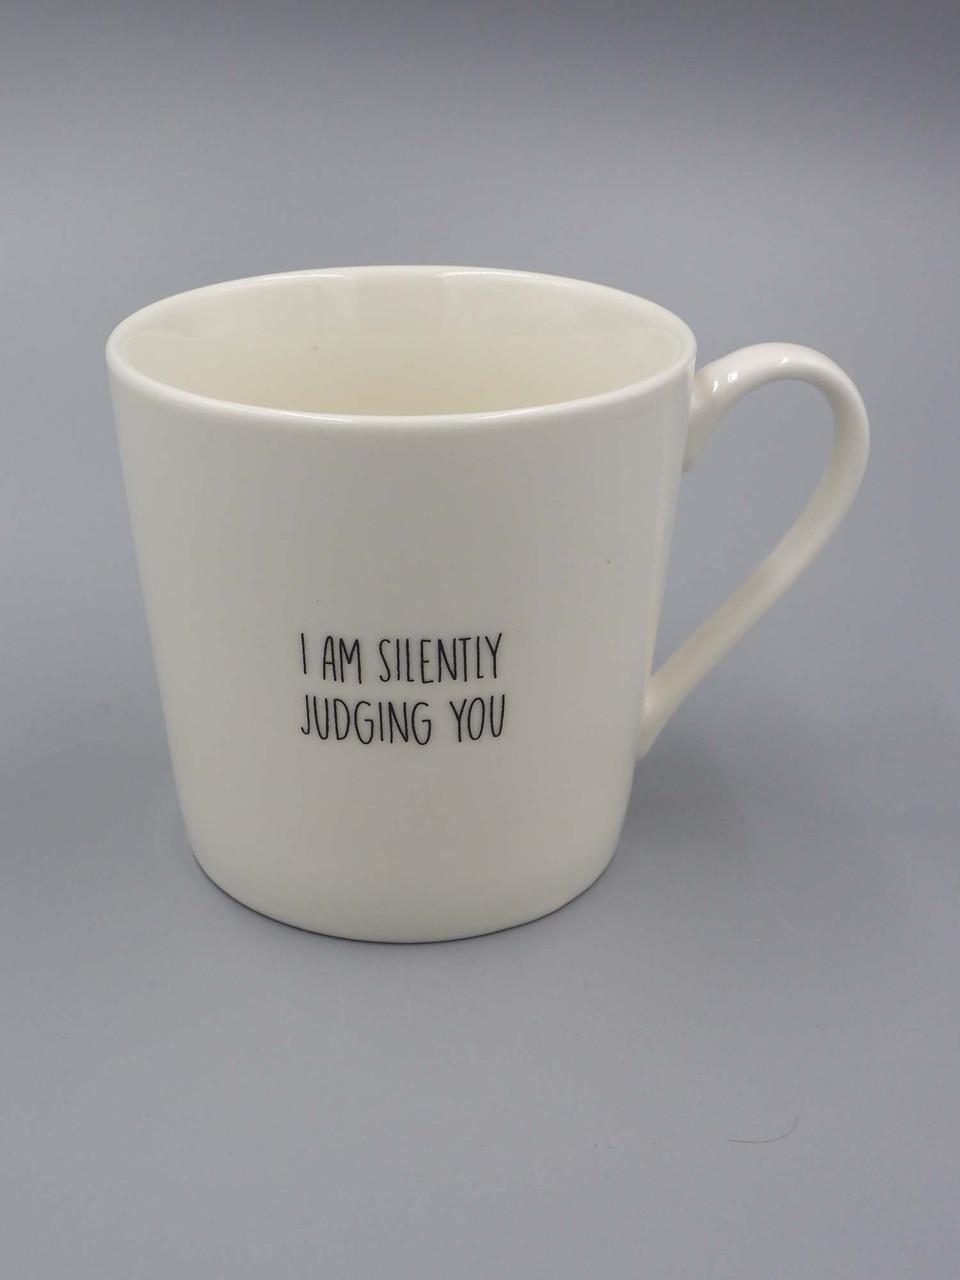 14 oz white cafe mug